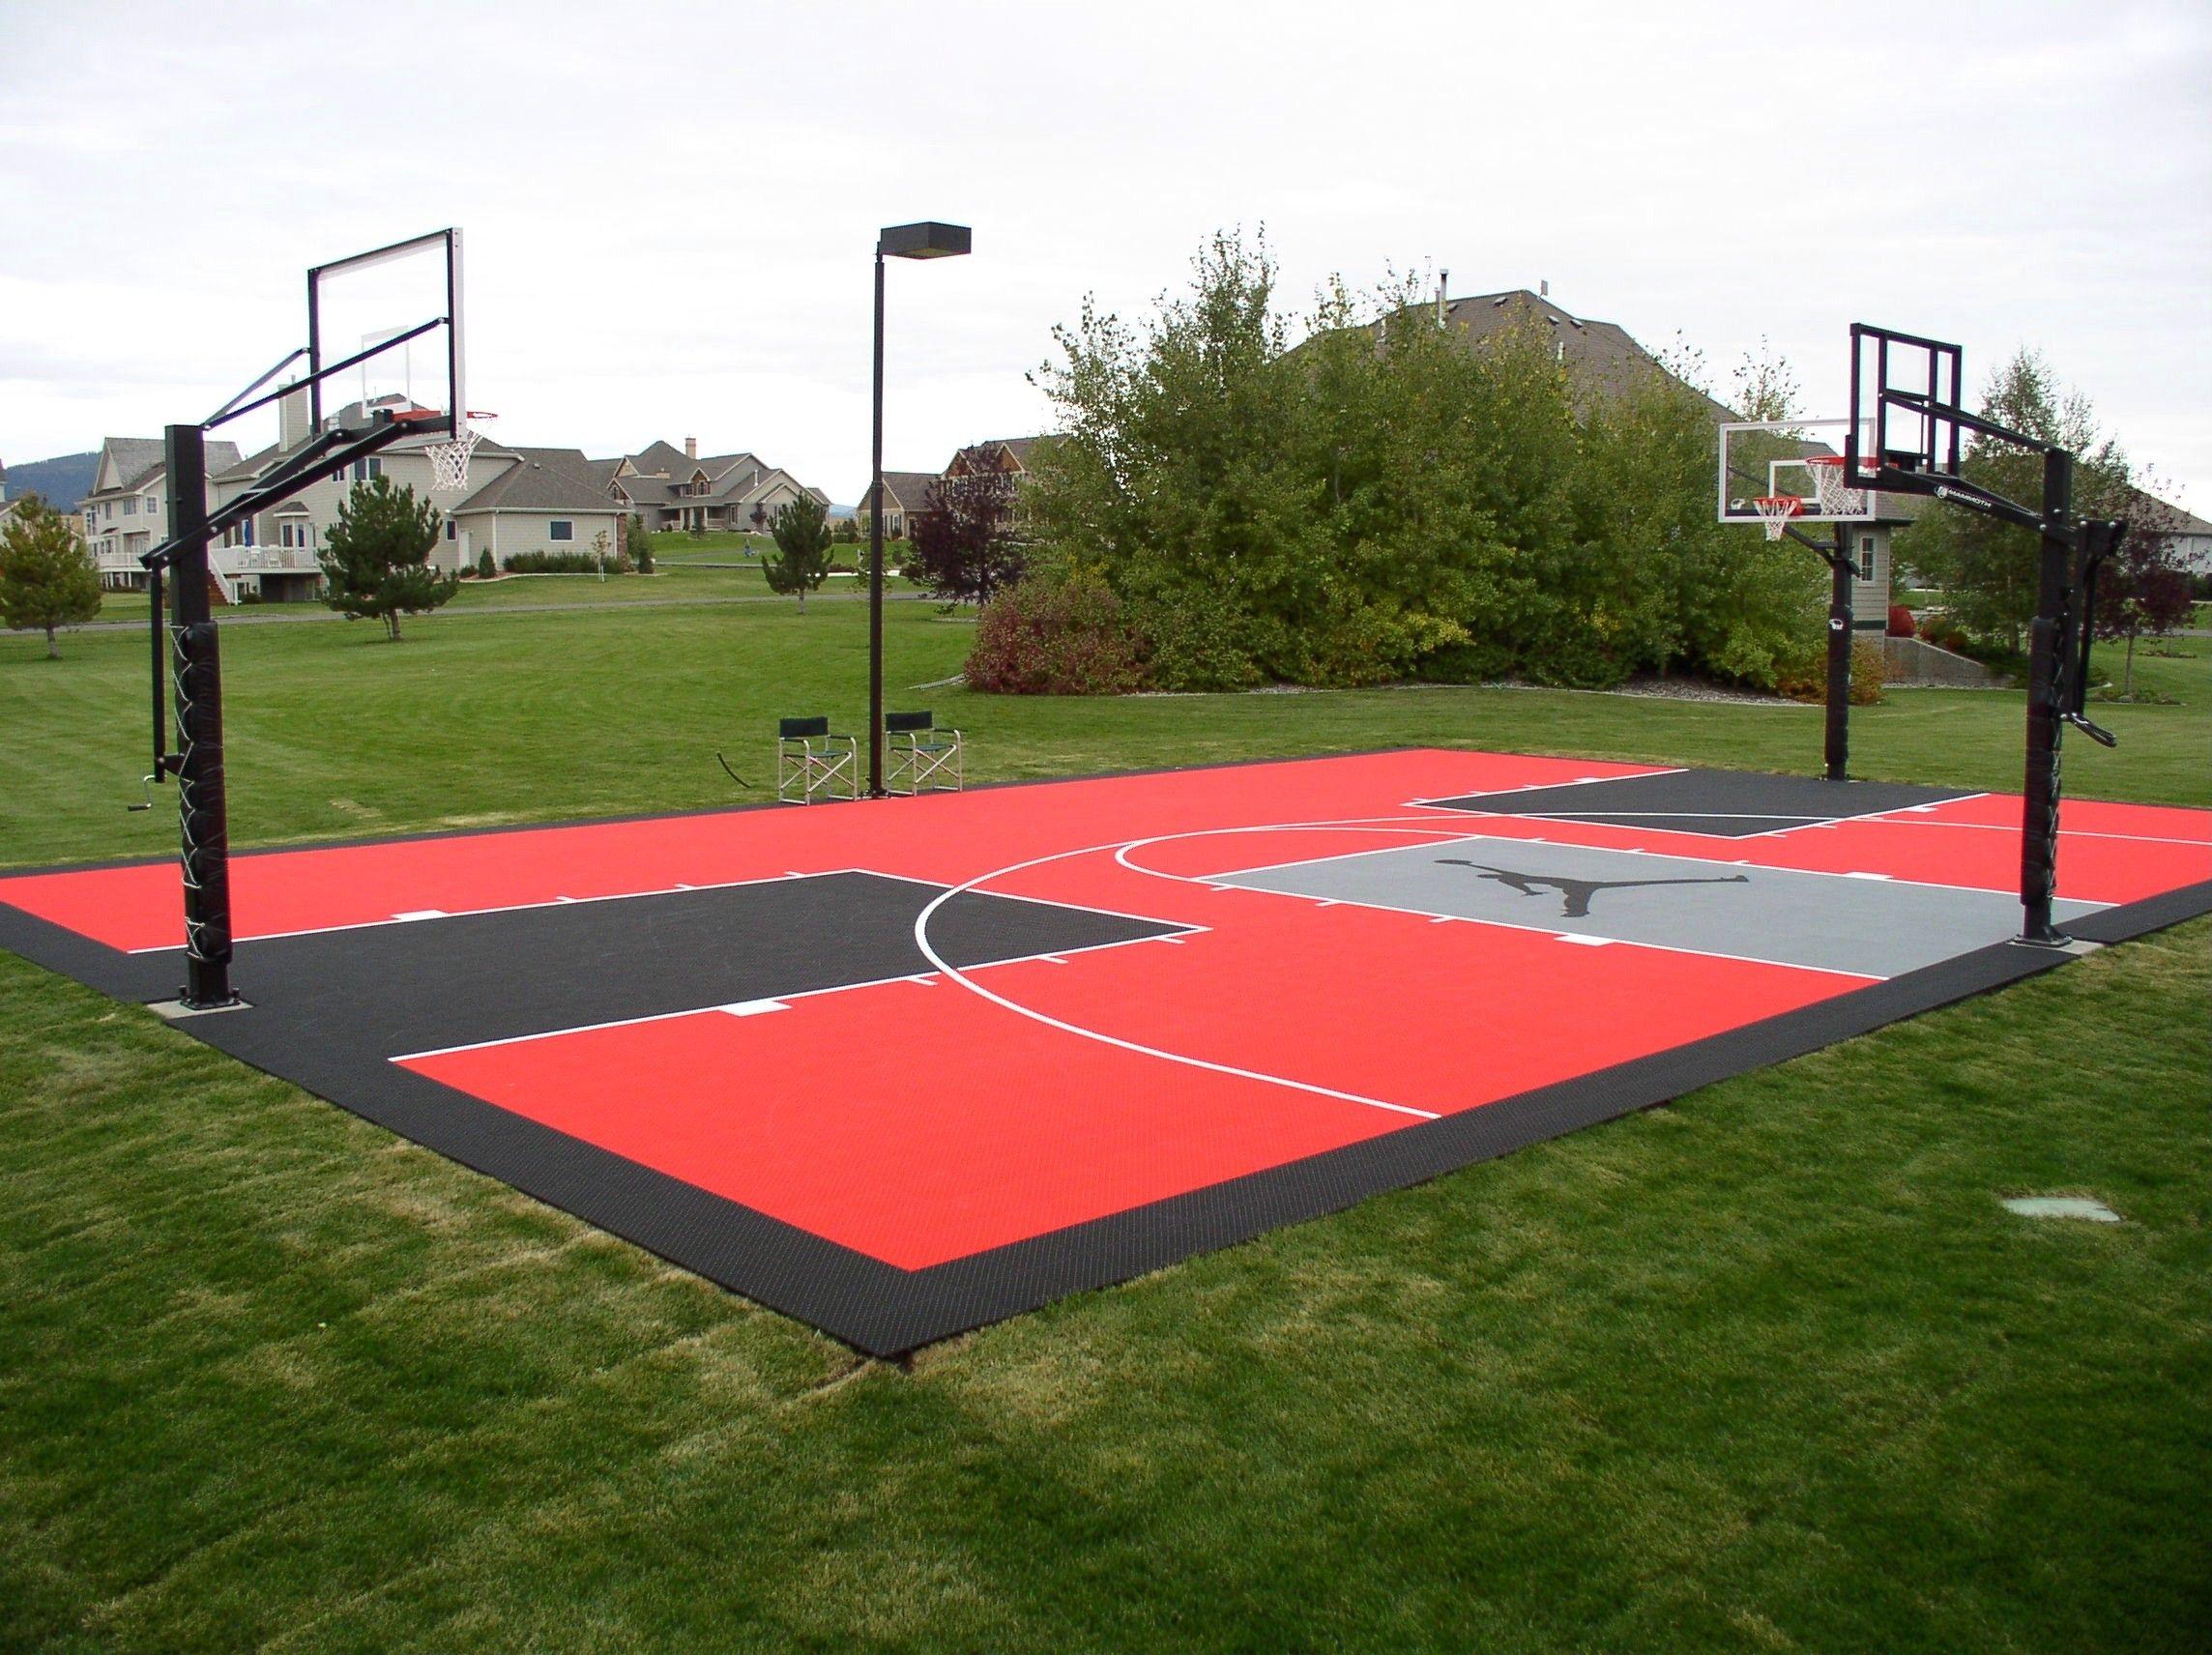 Pin by Vador on Basketball | Basketball court backyard ...